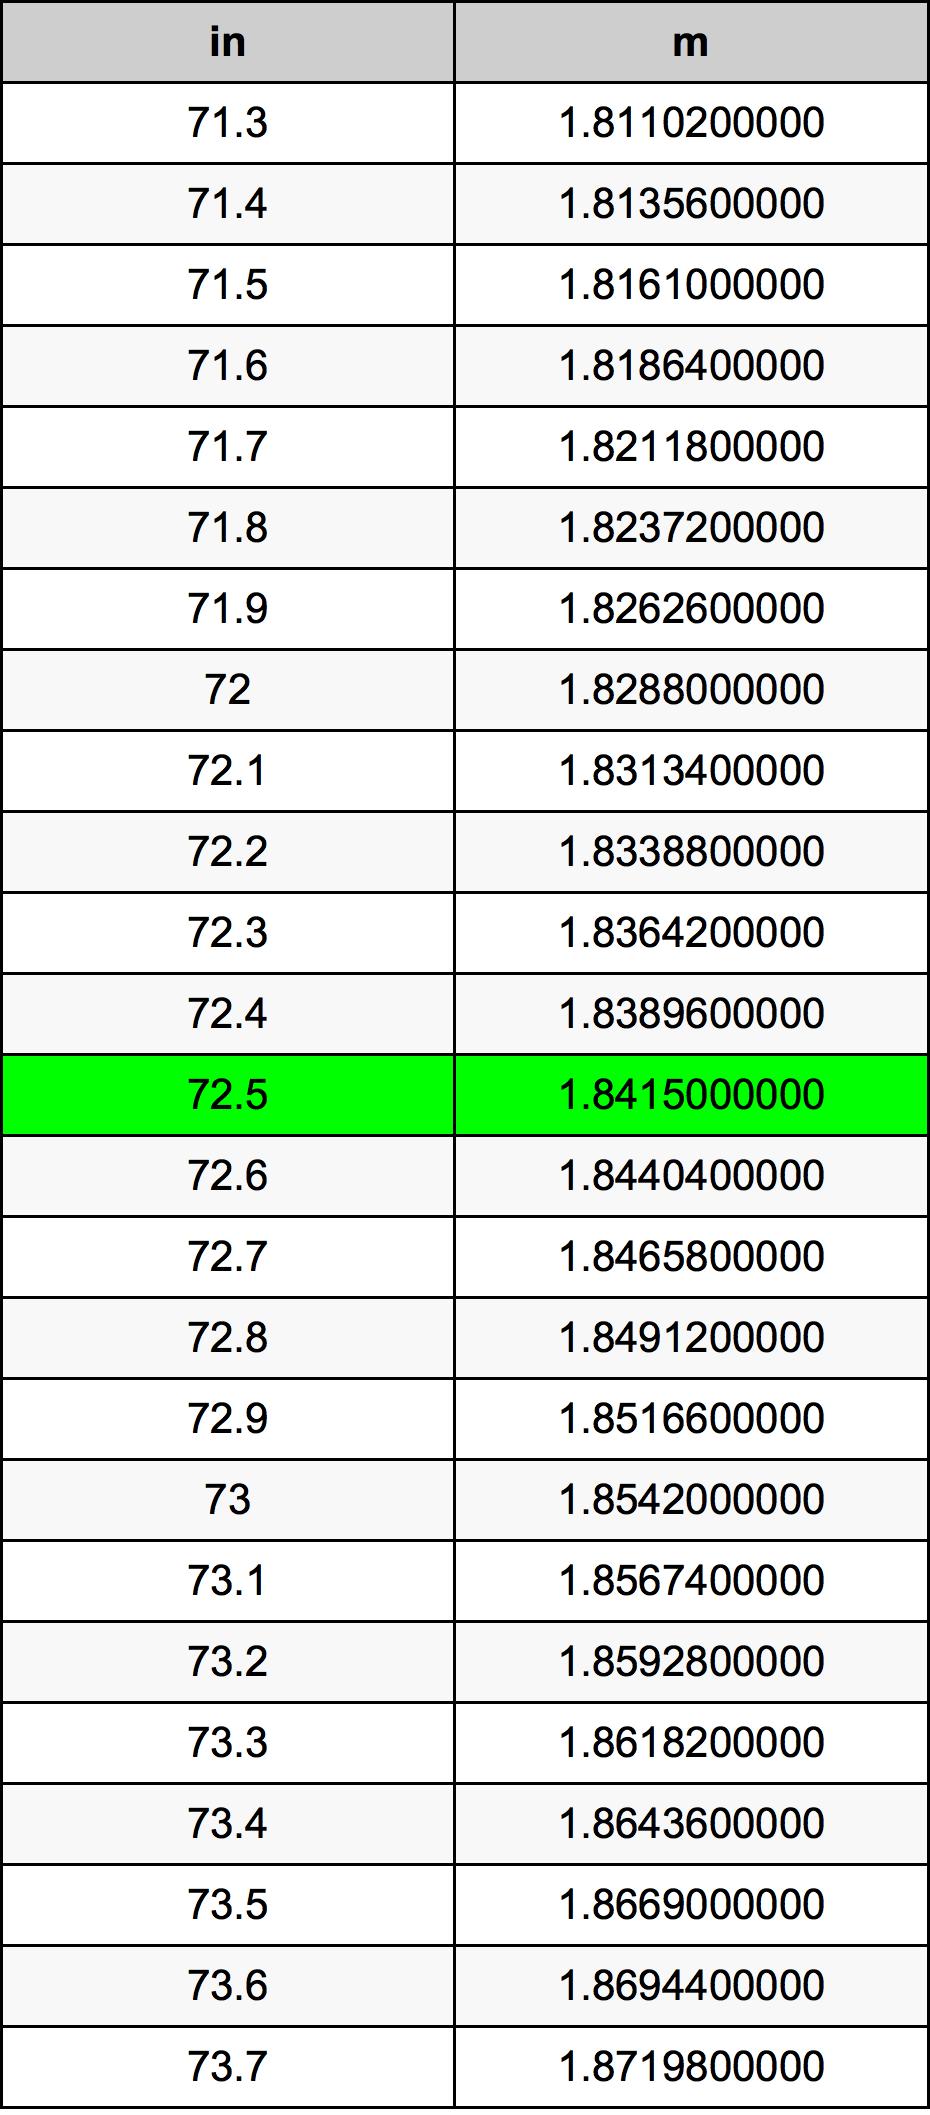 72.5 Țol tabelul de conversie